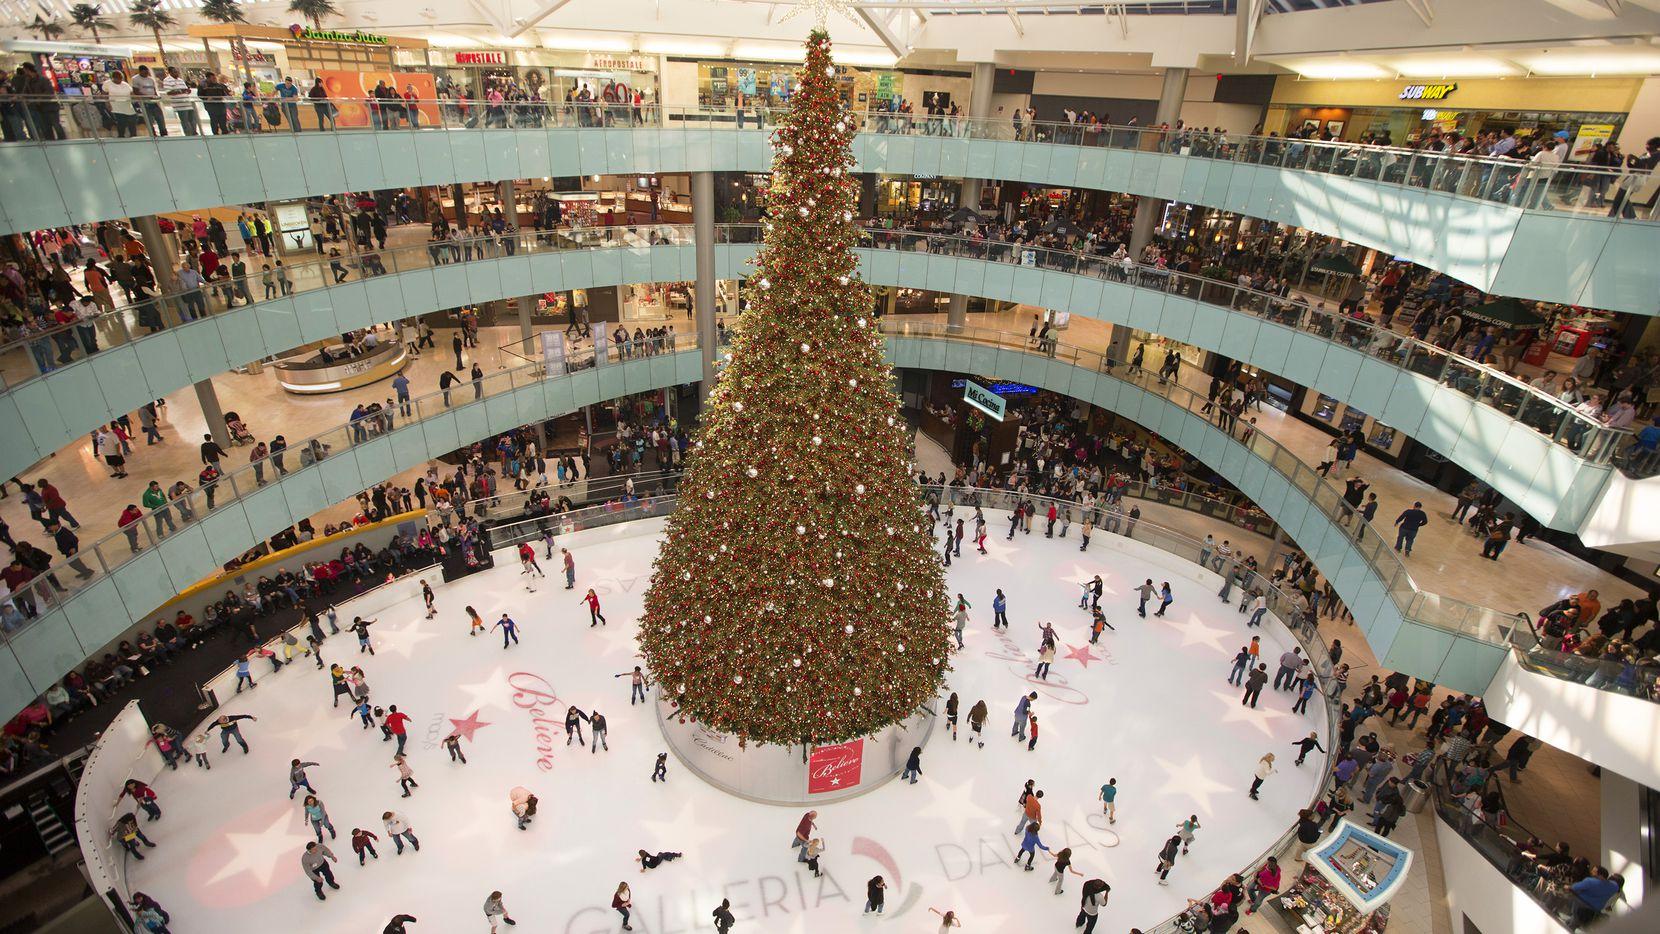 El árbol de Navidad volverá al Galleria Dallas este año.